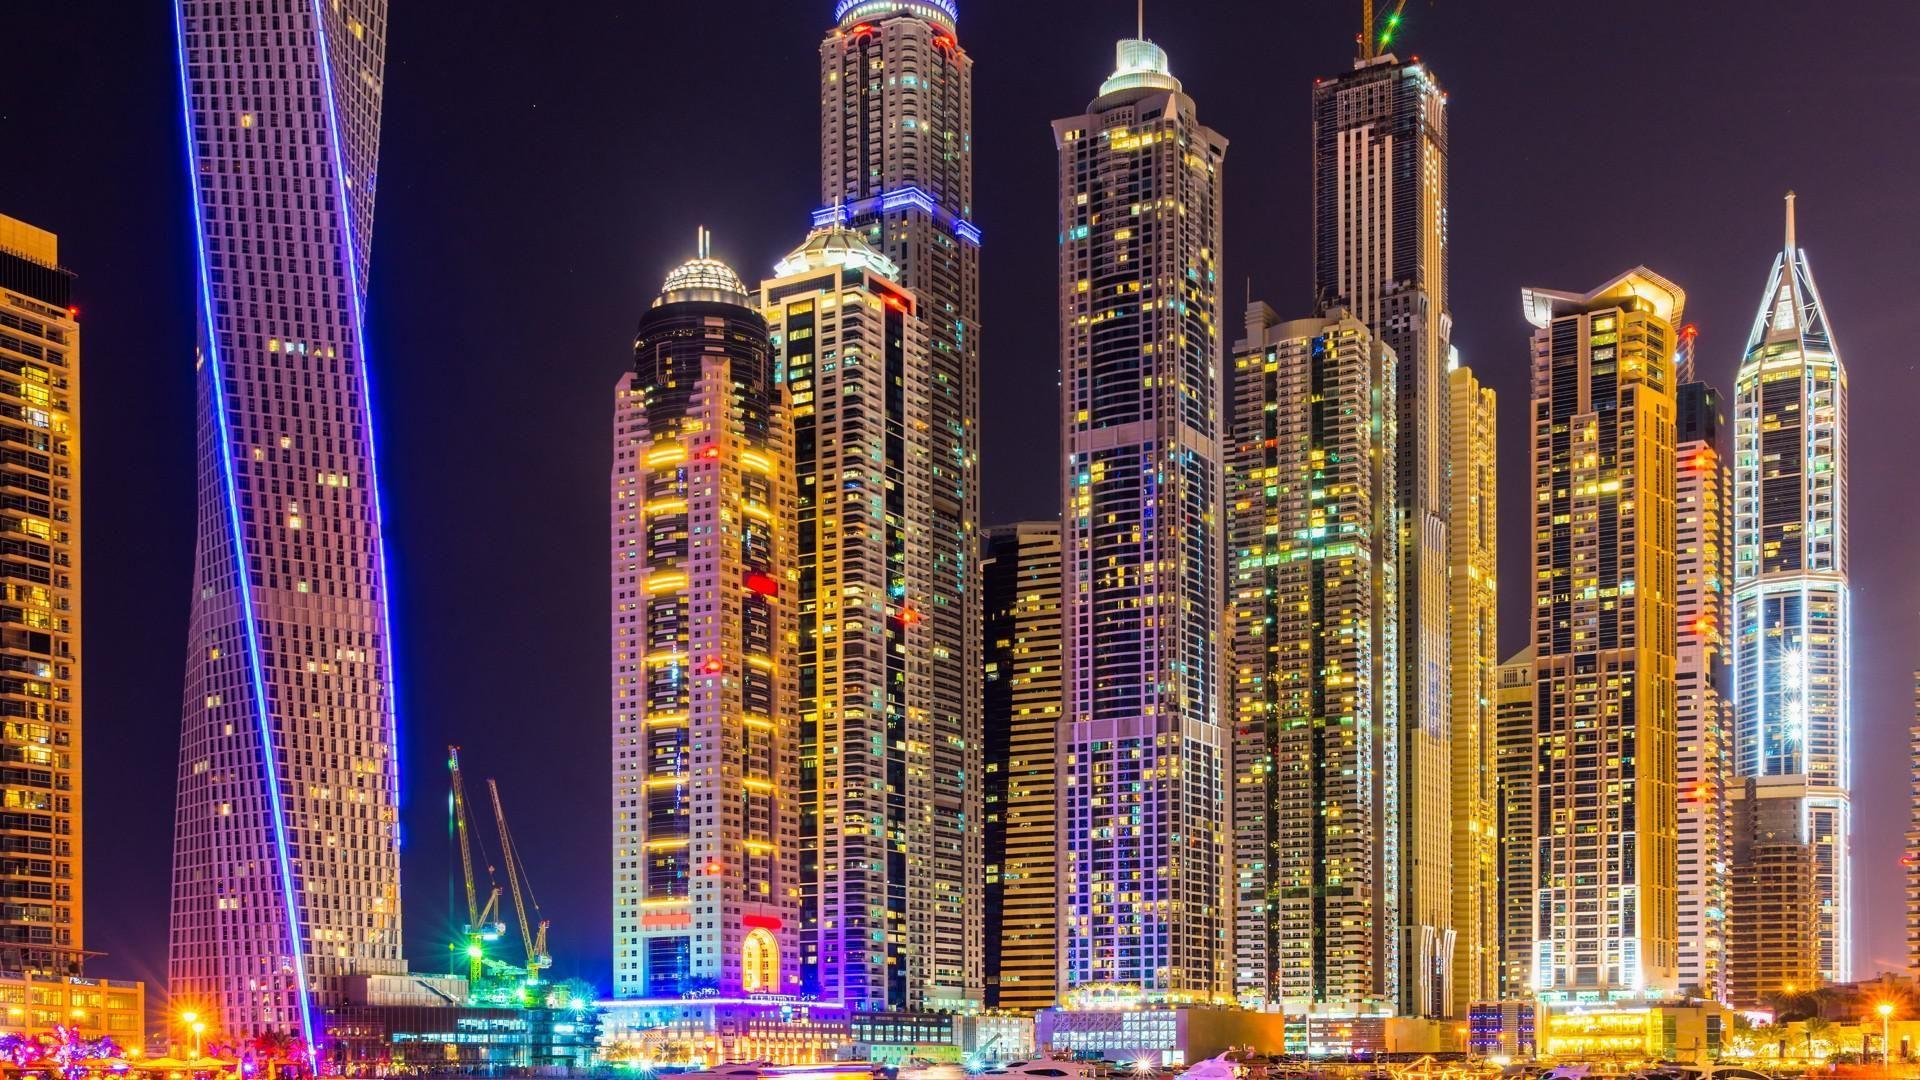 Fond D Ecran Dubai Ville Gratte Ciel Batiments Nuit Lumieres Colore Brillant Urbain Paysages Hd Ecran Large Haut Paysage Hd Gratte Ciel Paysage Urbain